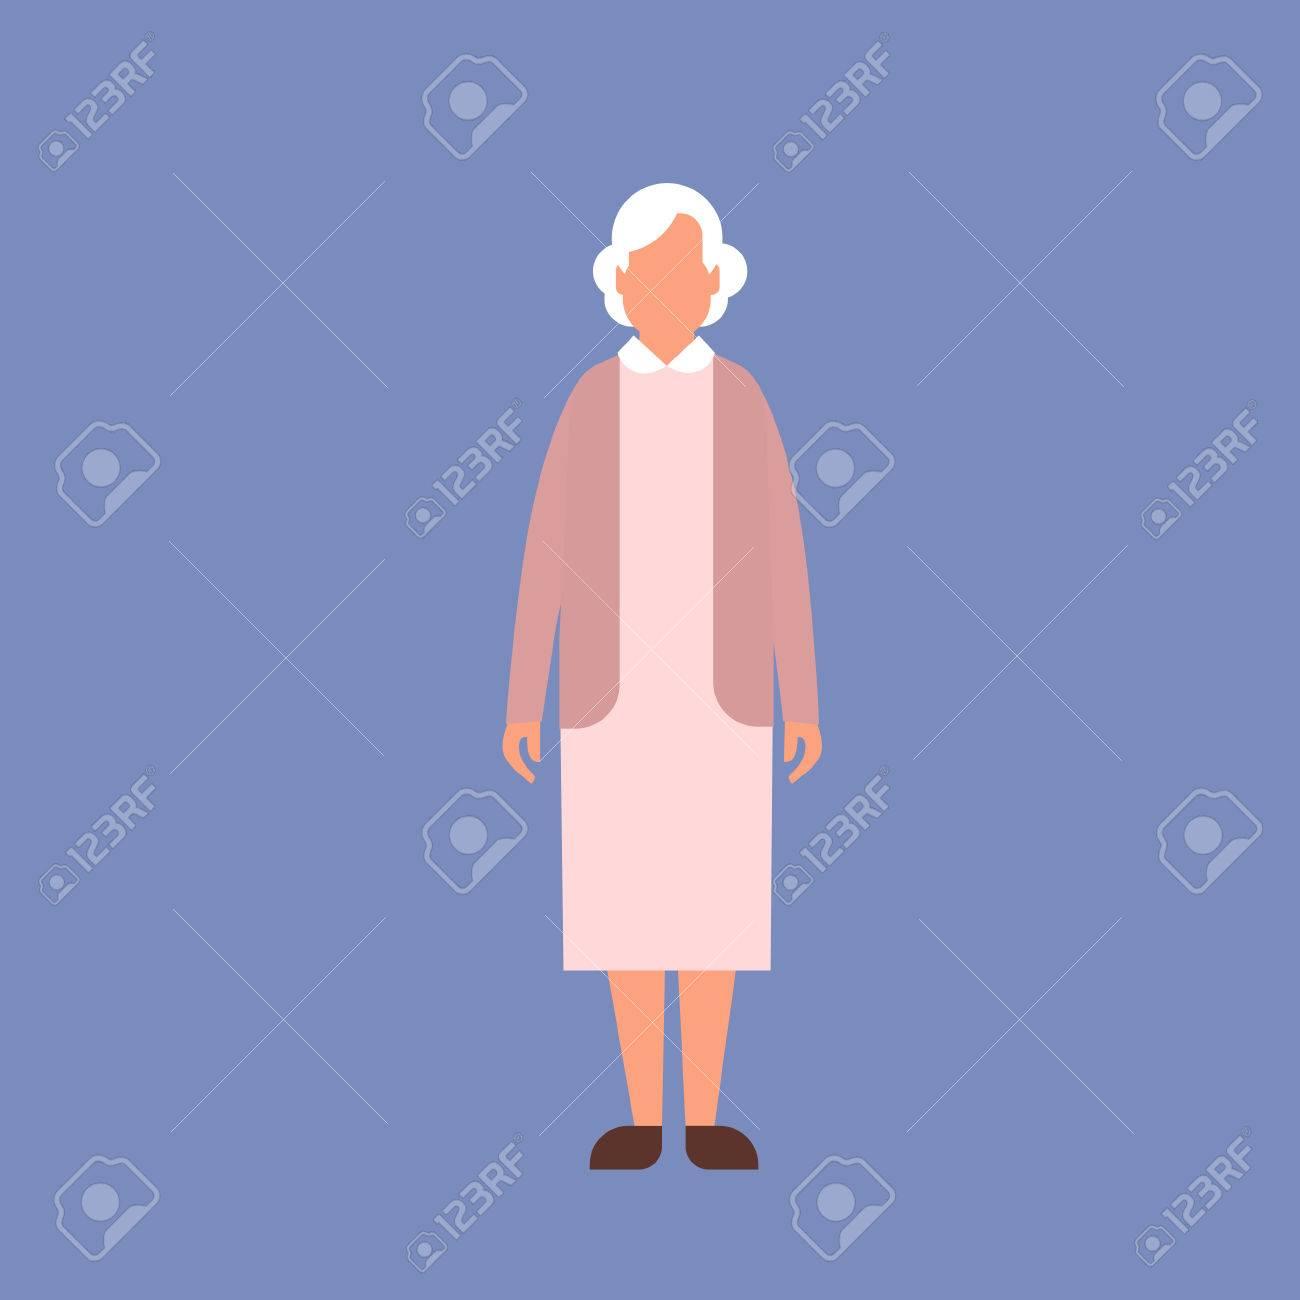 Señora Mayor Abuela Encuadre De Cuerpo Entero De La Ilustración De ...